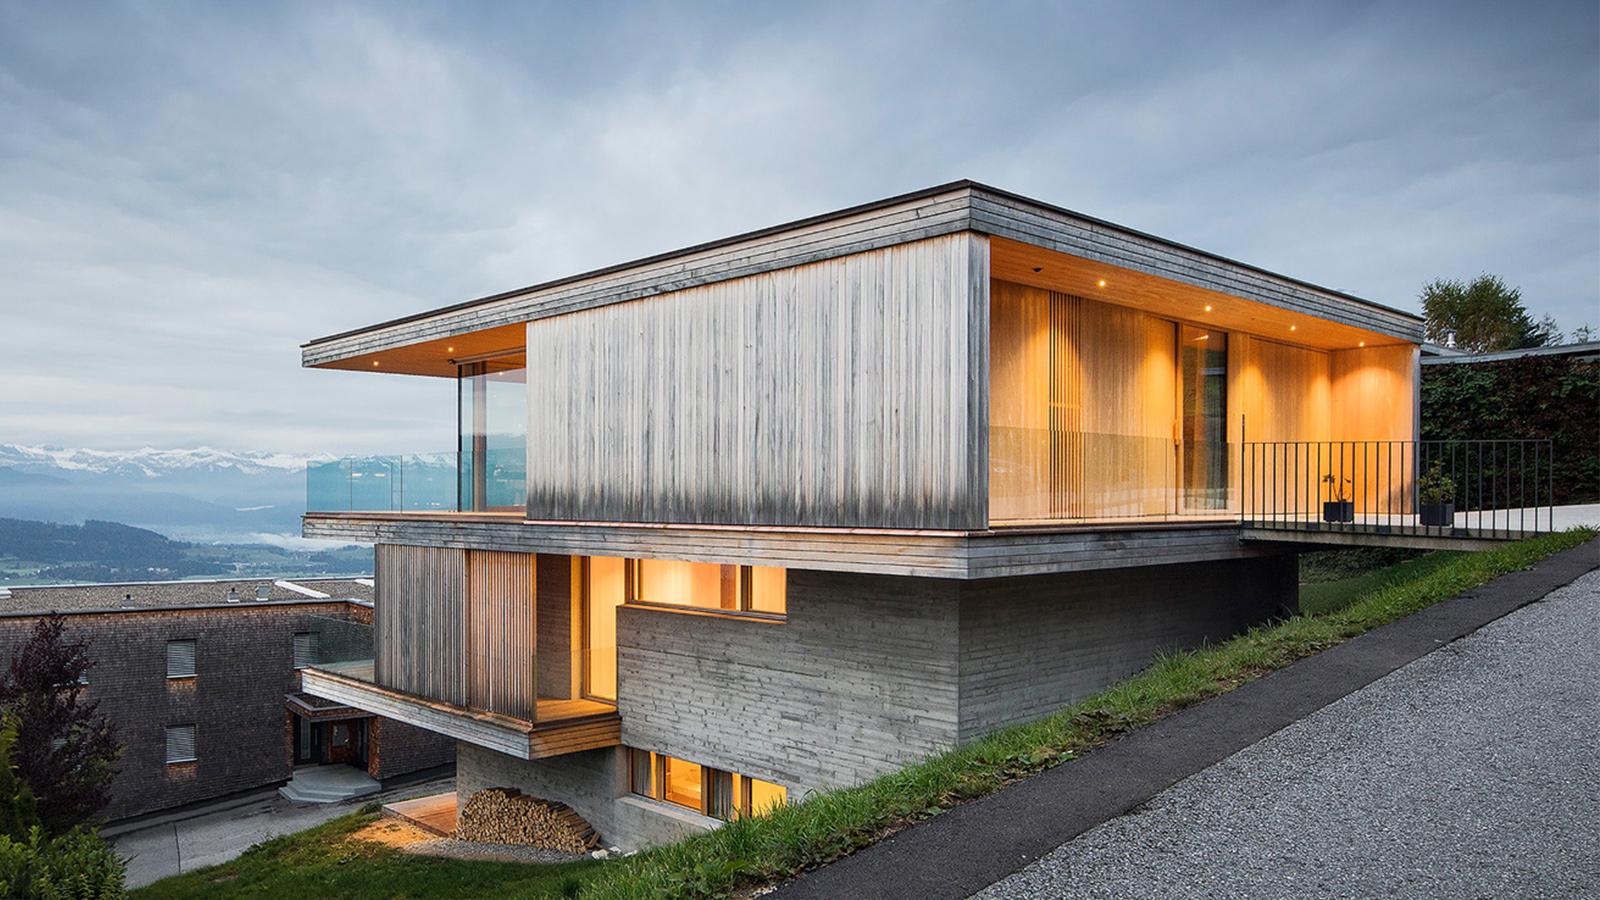 House K by Dietrich   Untertrifaller Architekten